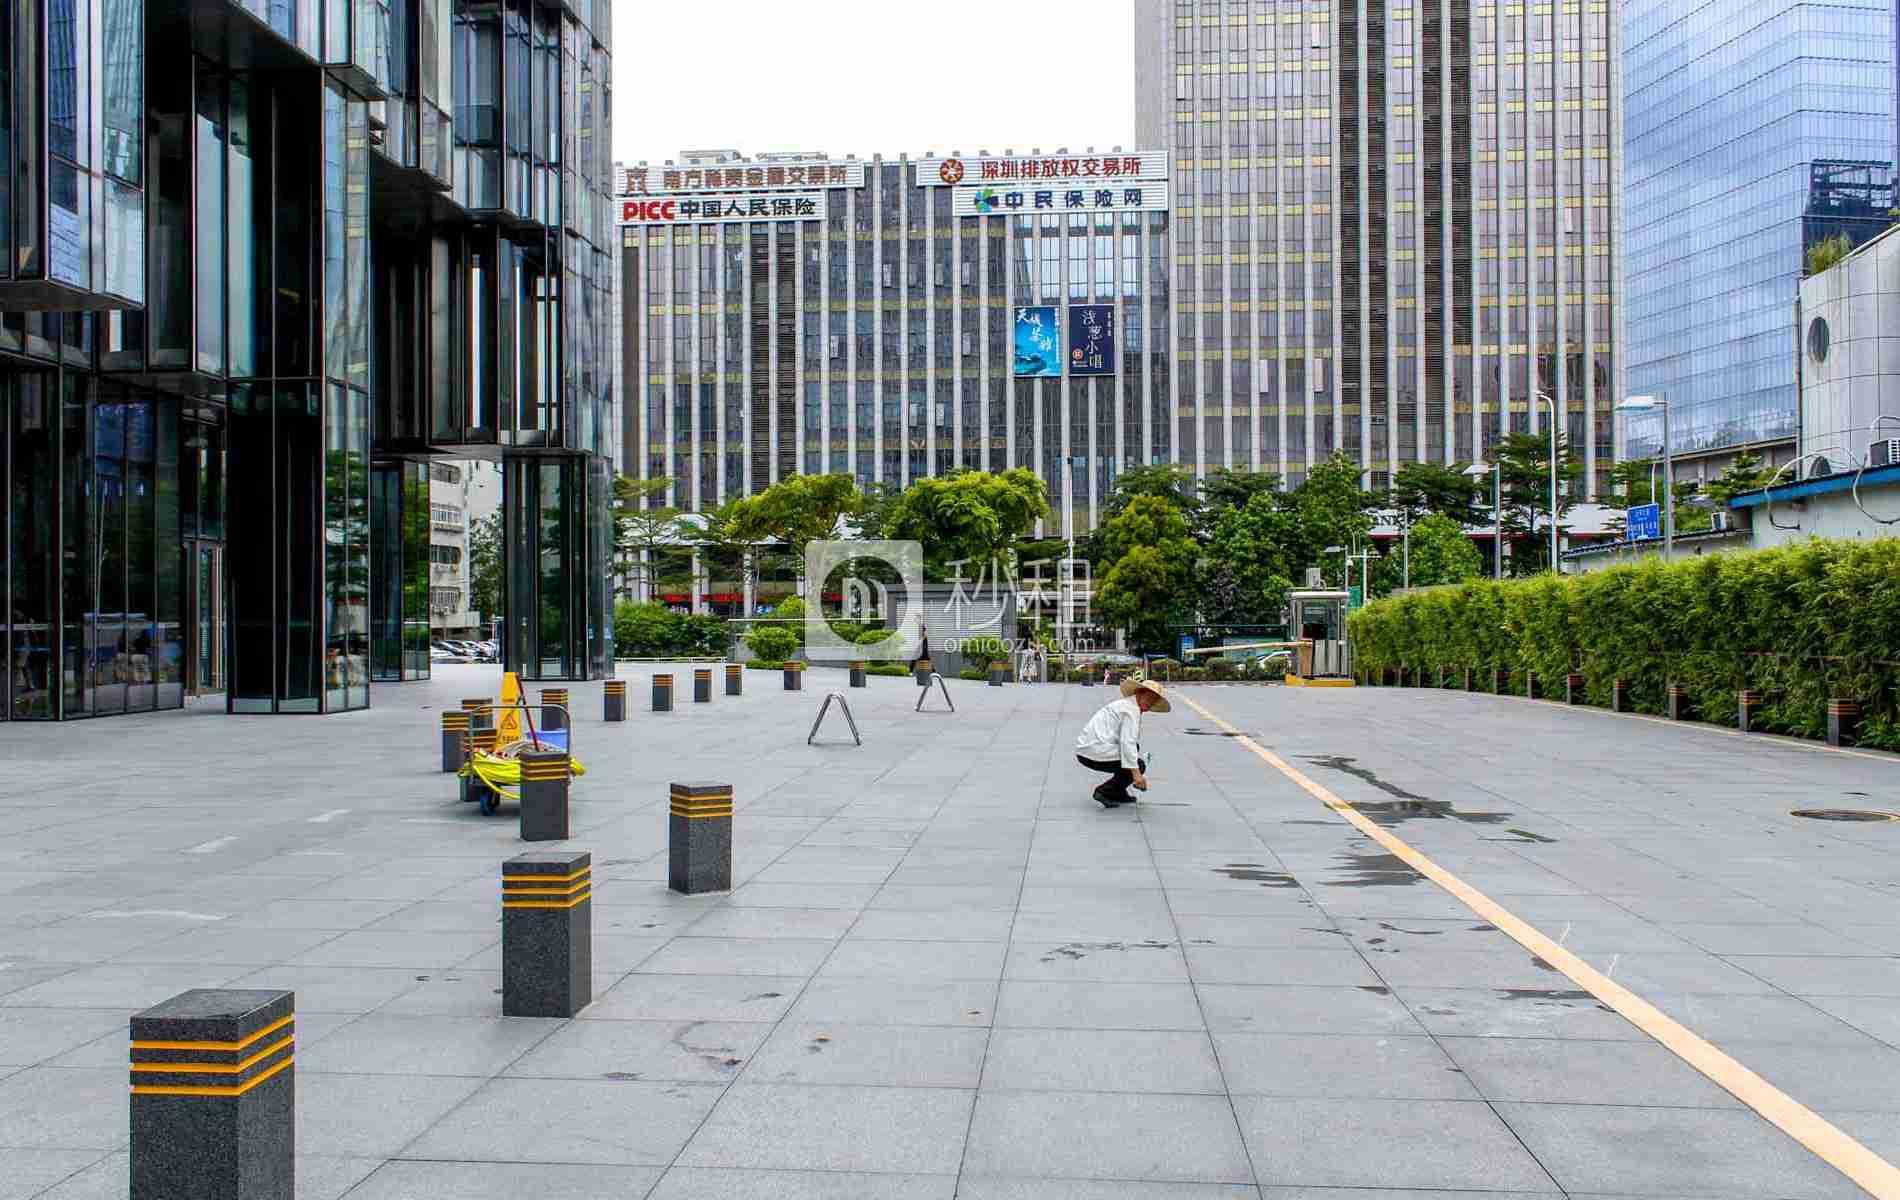 讯美科技广场写字楼出租/招租/租赁,讯美科技广场办公室出租/招租/租赁